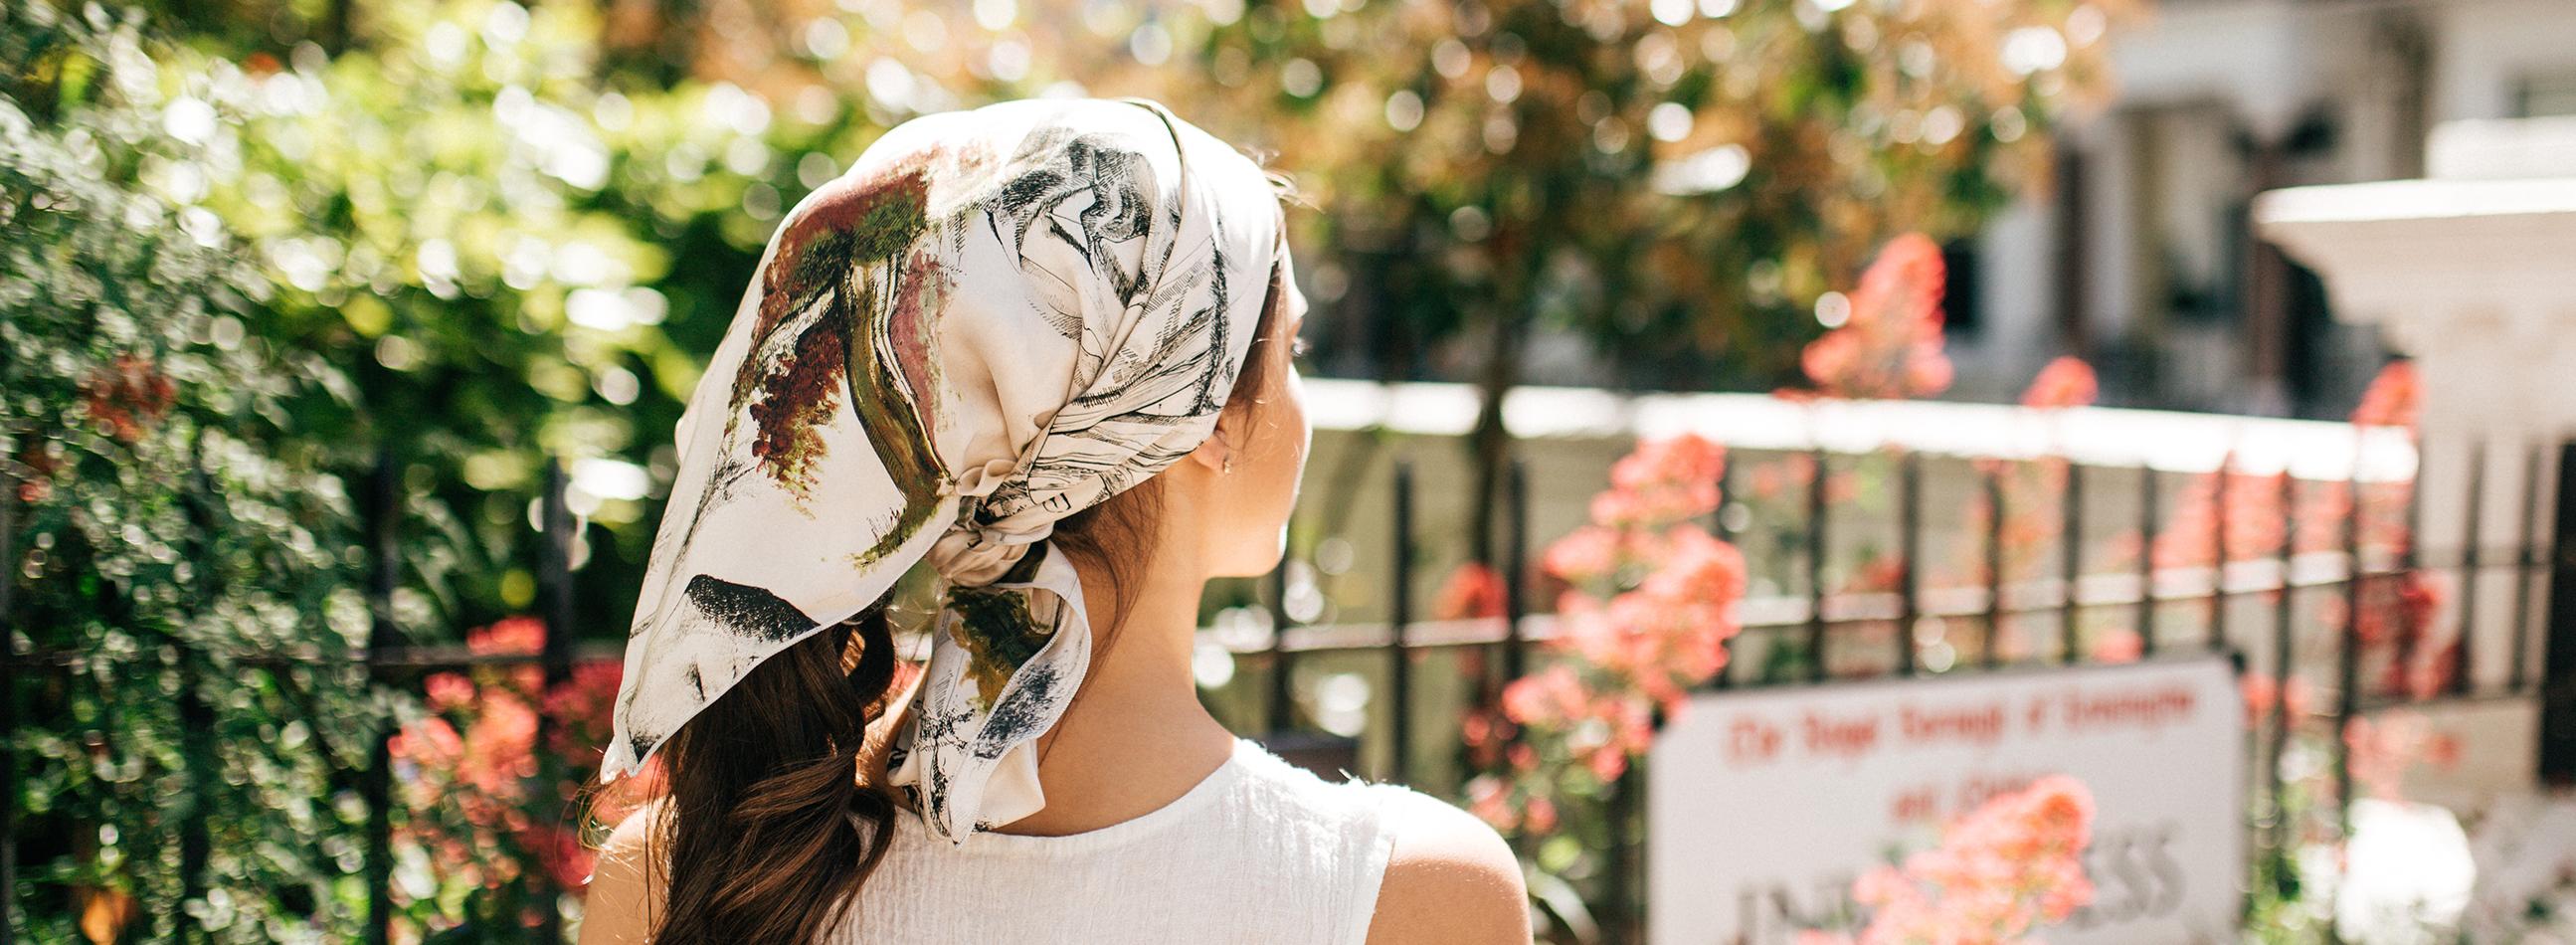 Femme de dos avec foulard